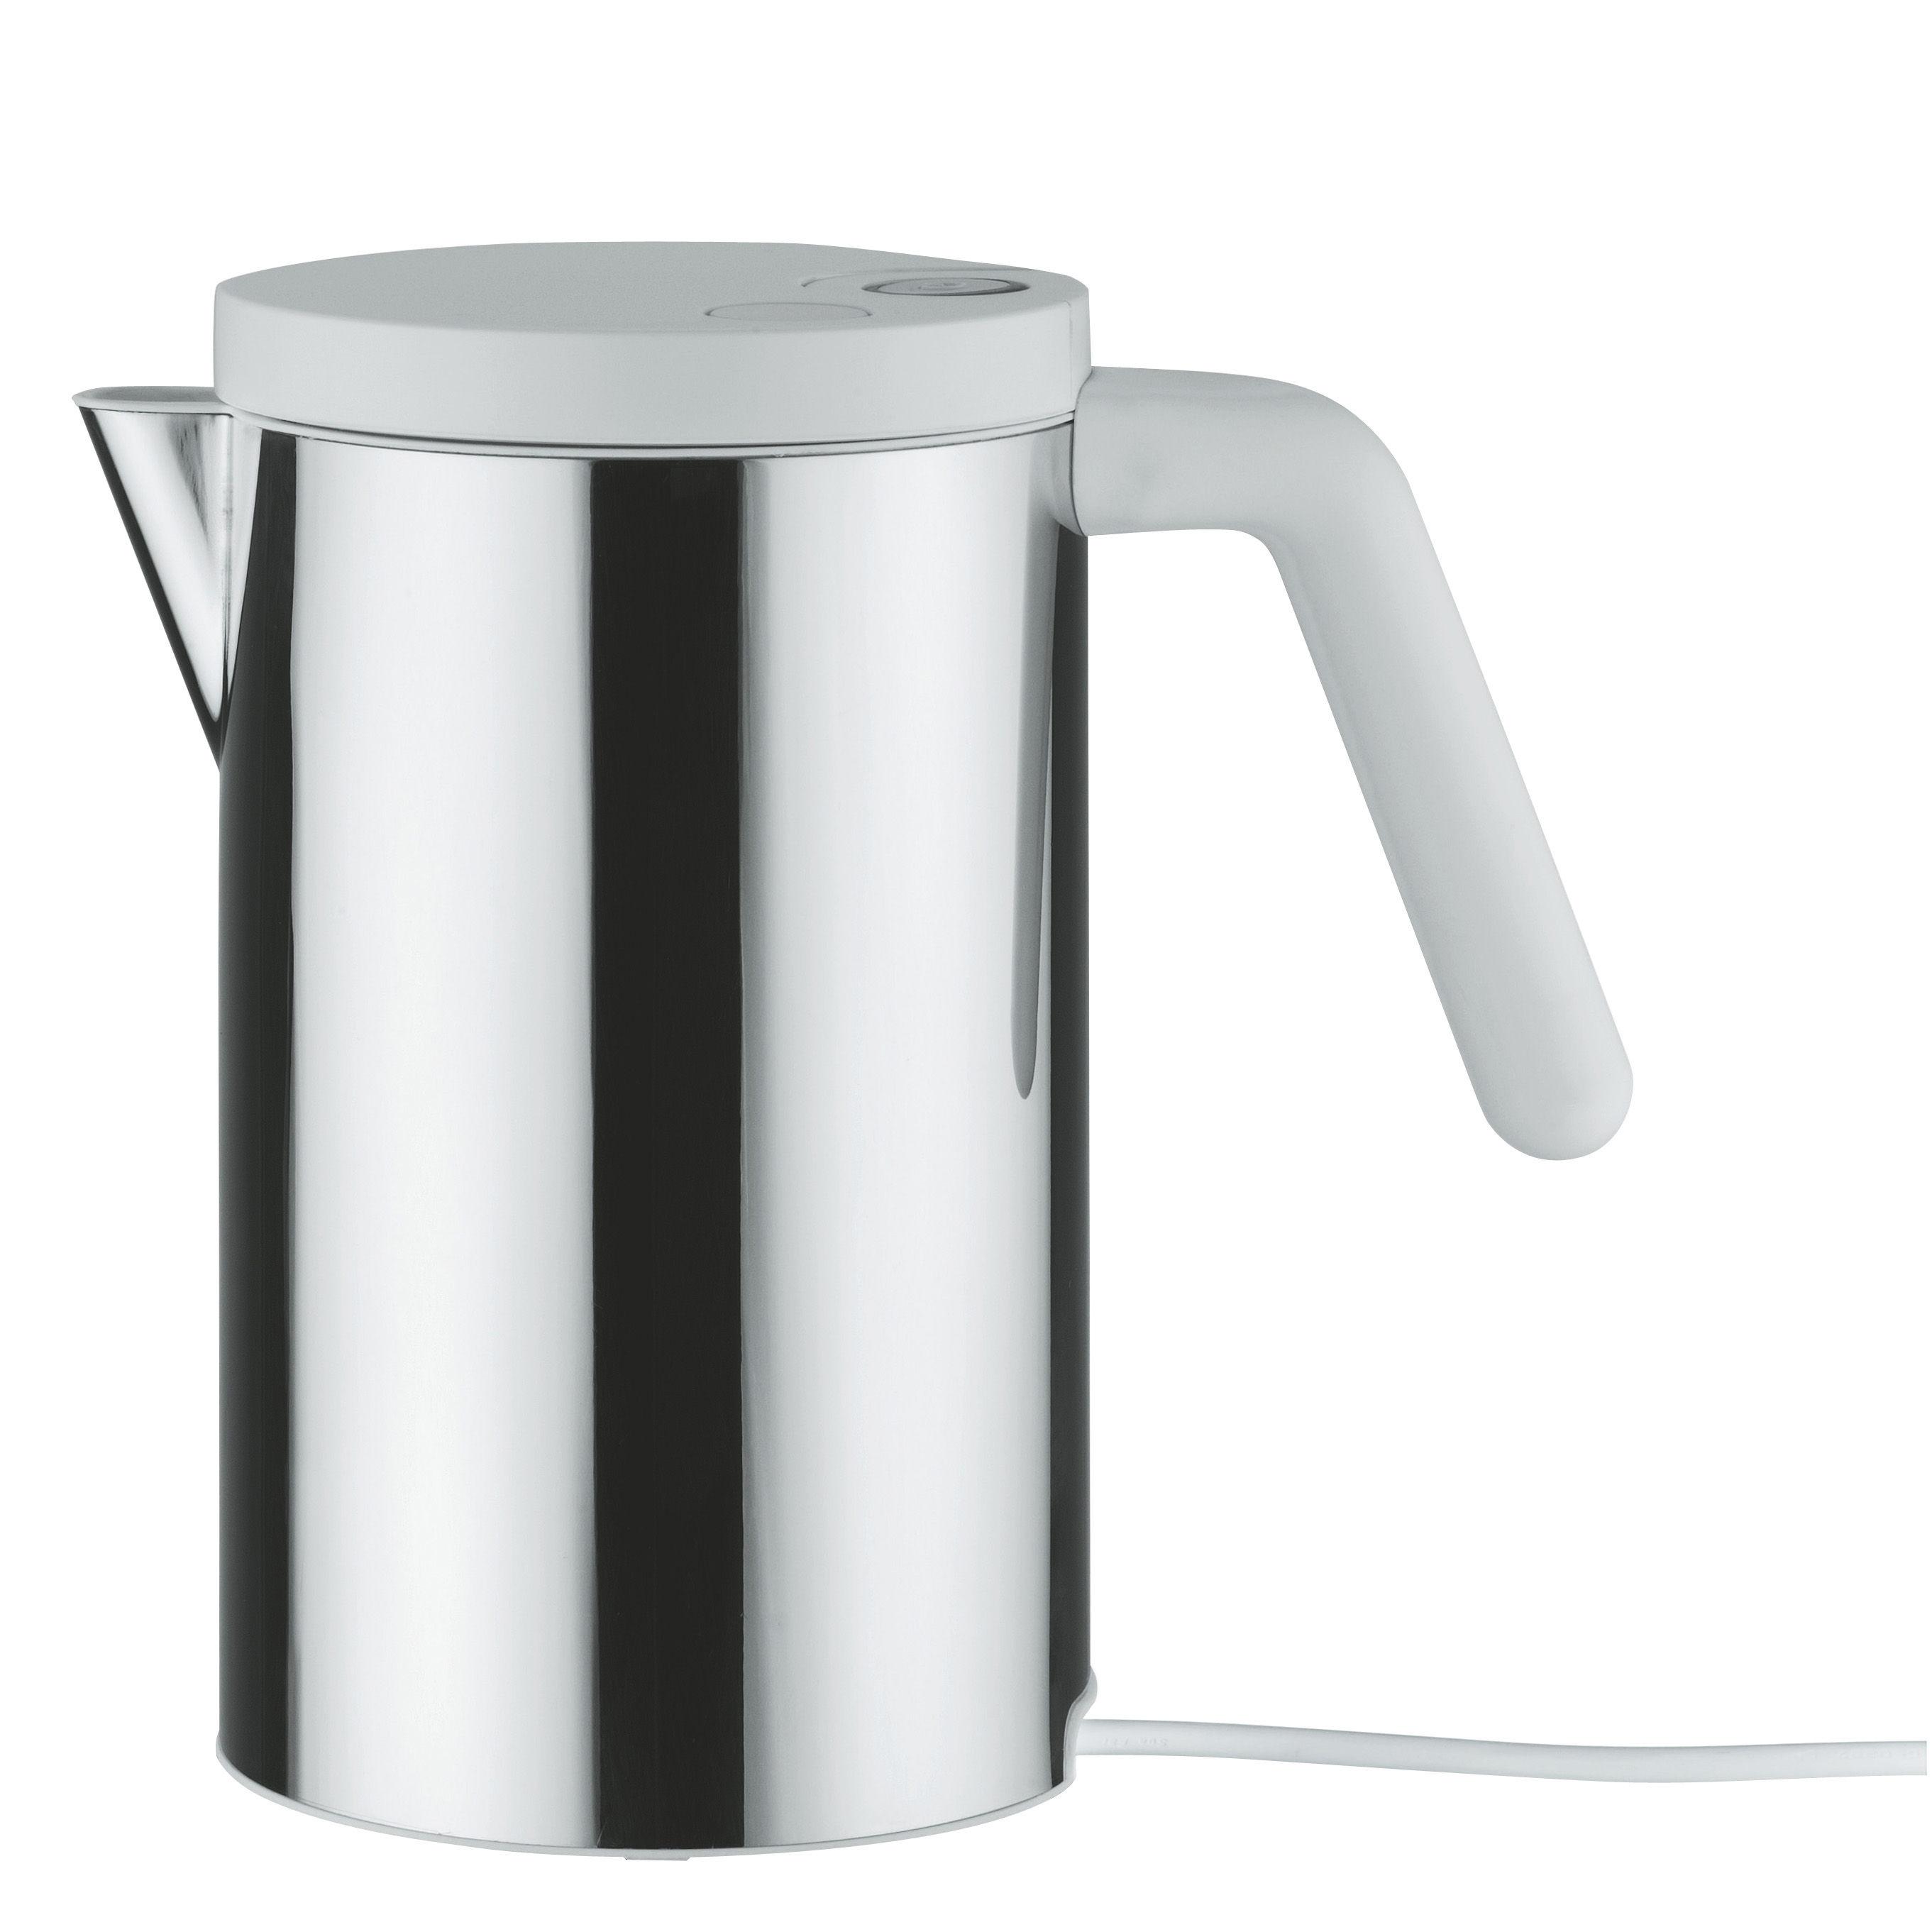 Cuisine - Electroménager - Bouilloire électrique Hot.it 80 cl - Alessi - 80 cl - Acier & Blanc - Acier inoxydable, Résine thermoplastique